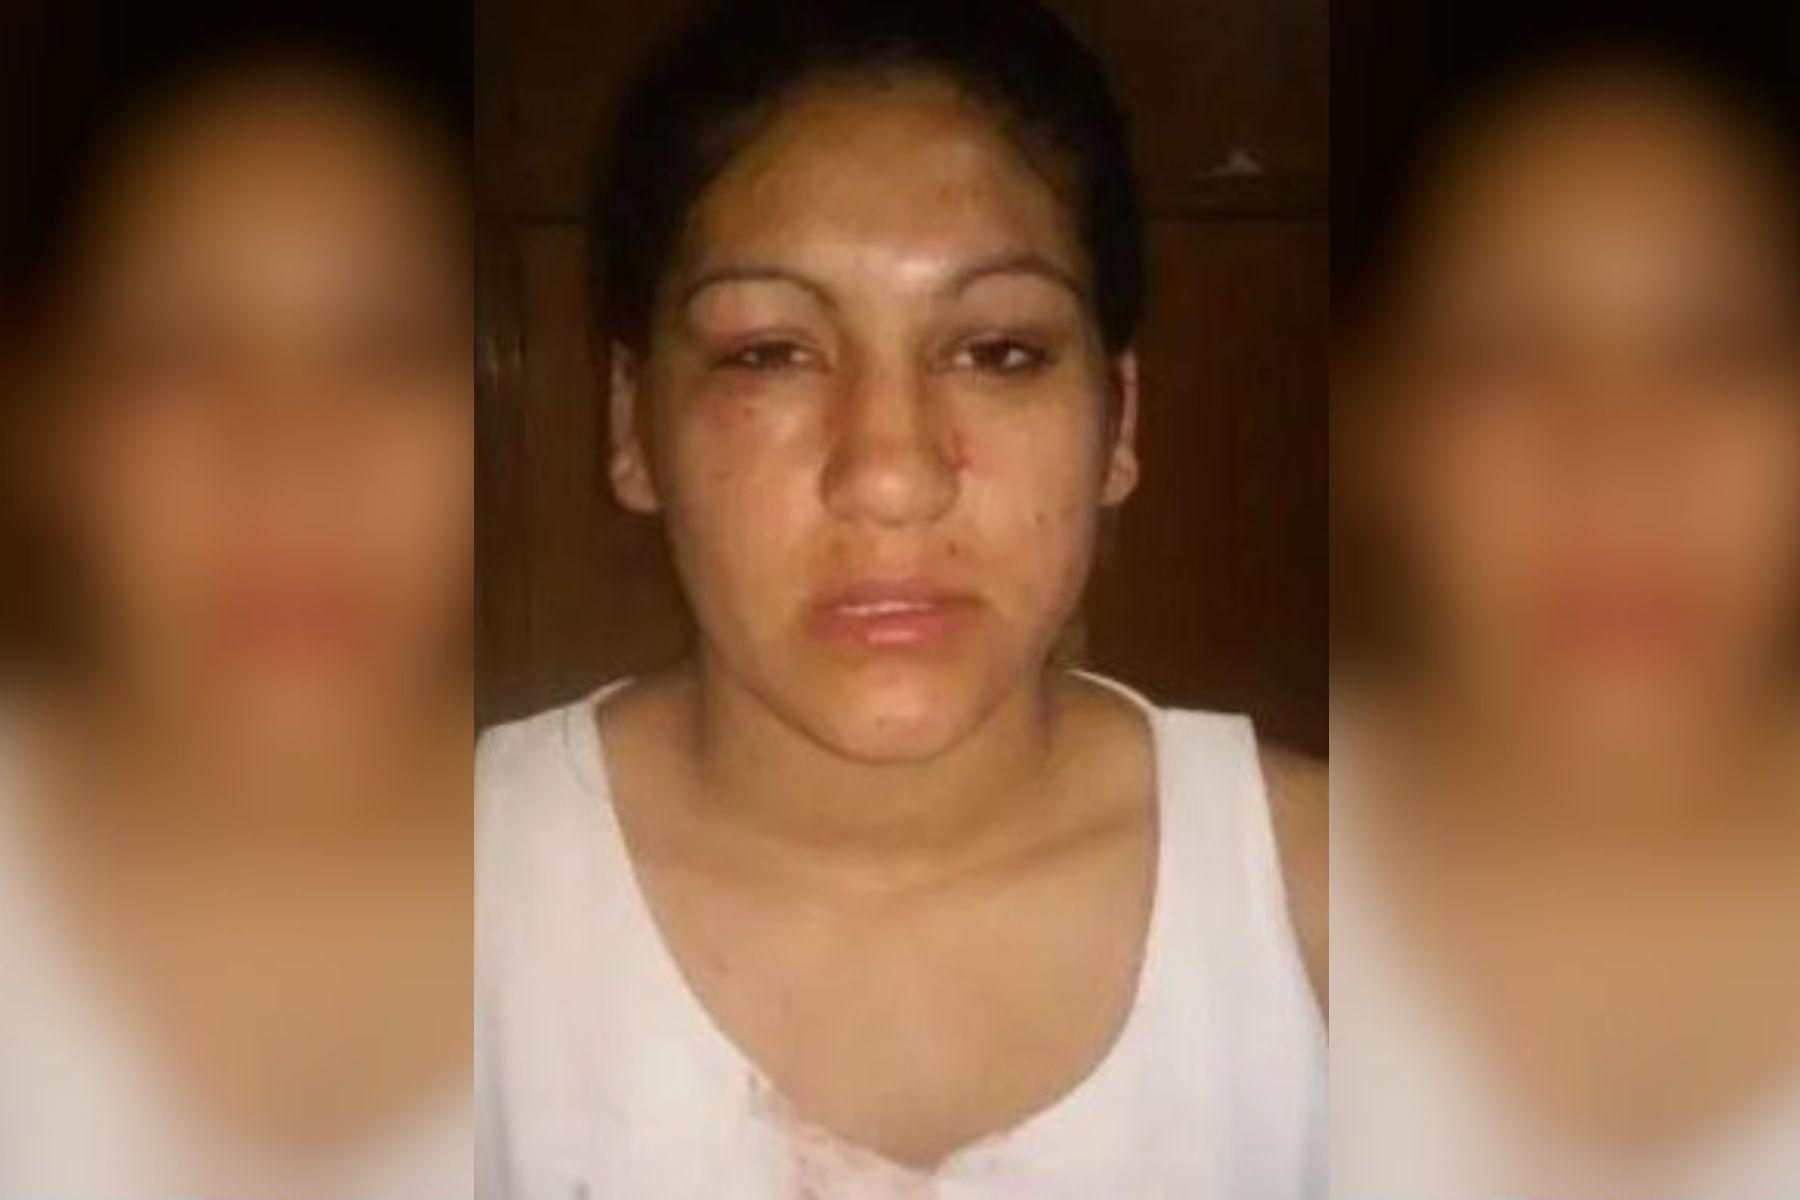 La golpearon con su bebé en brazos en Bernal por ser linda